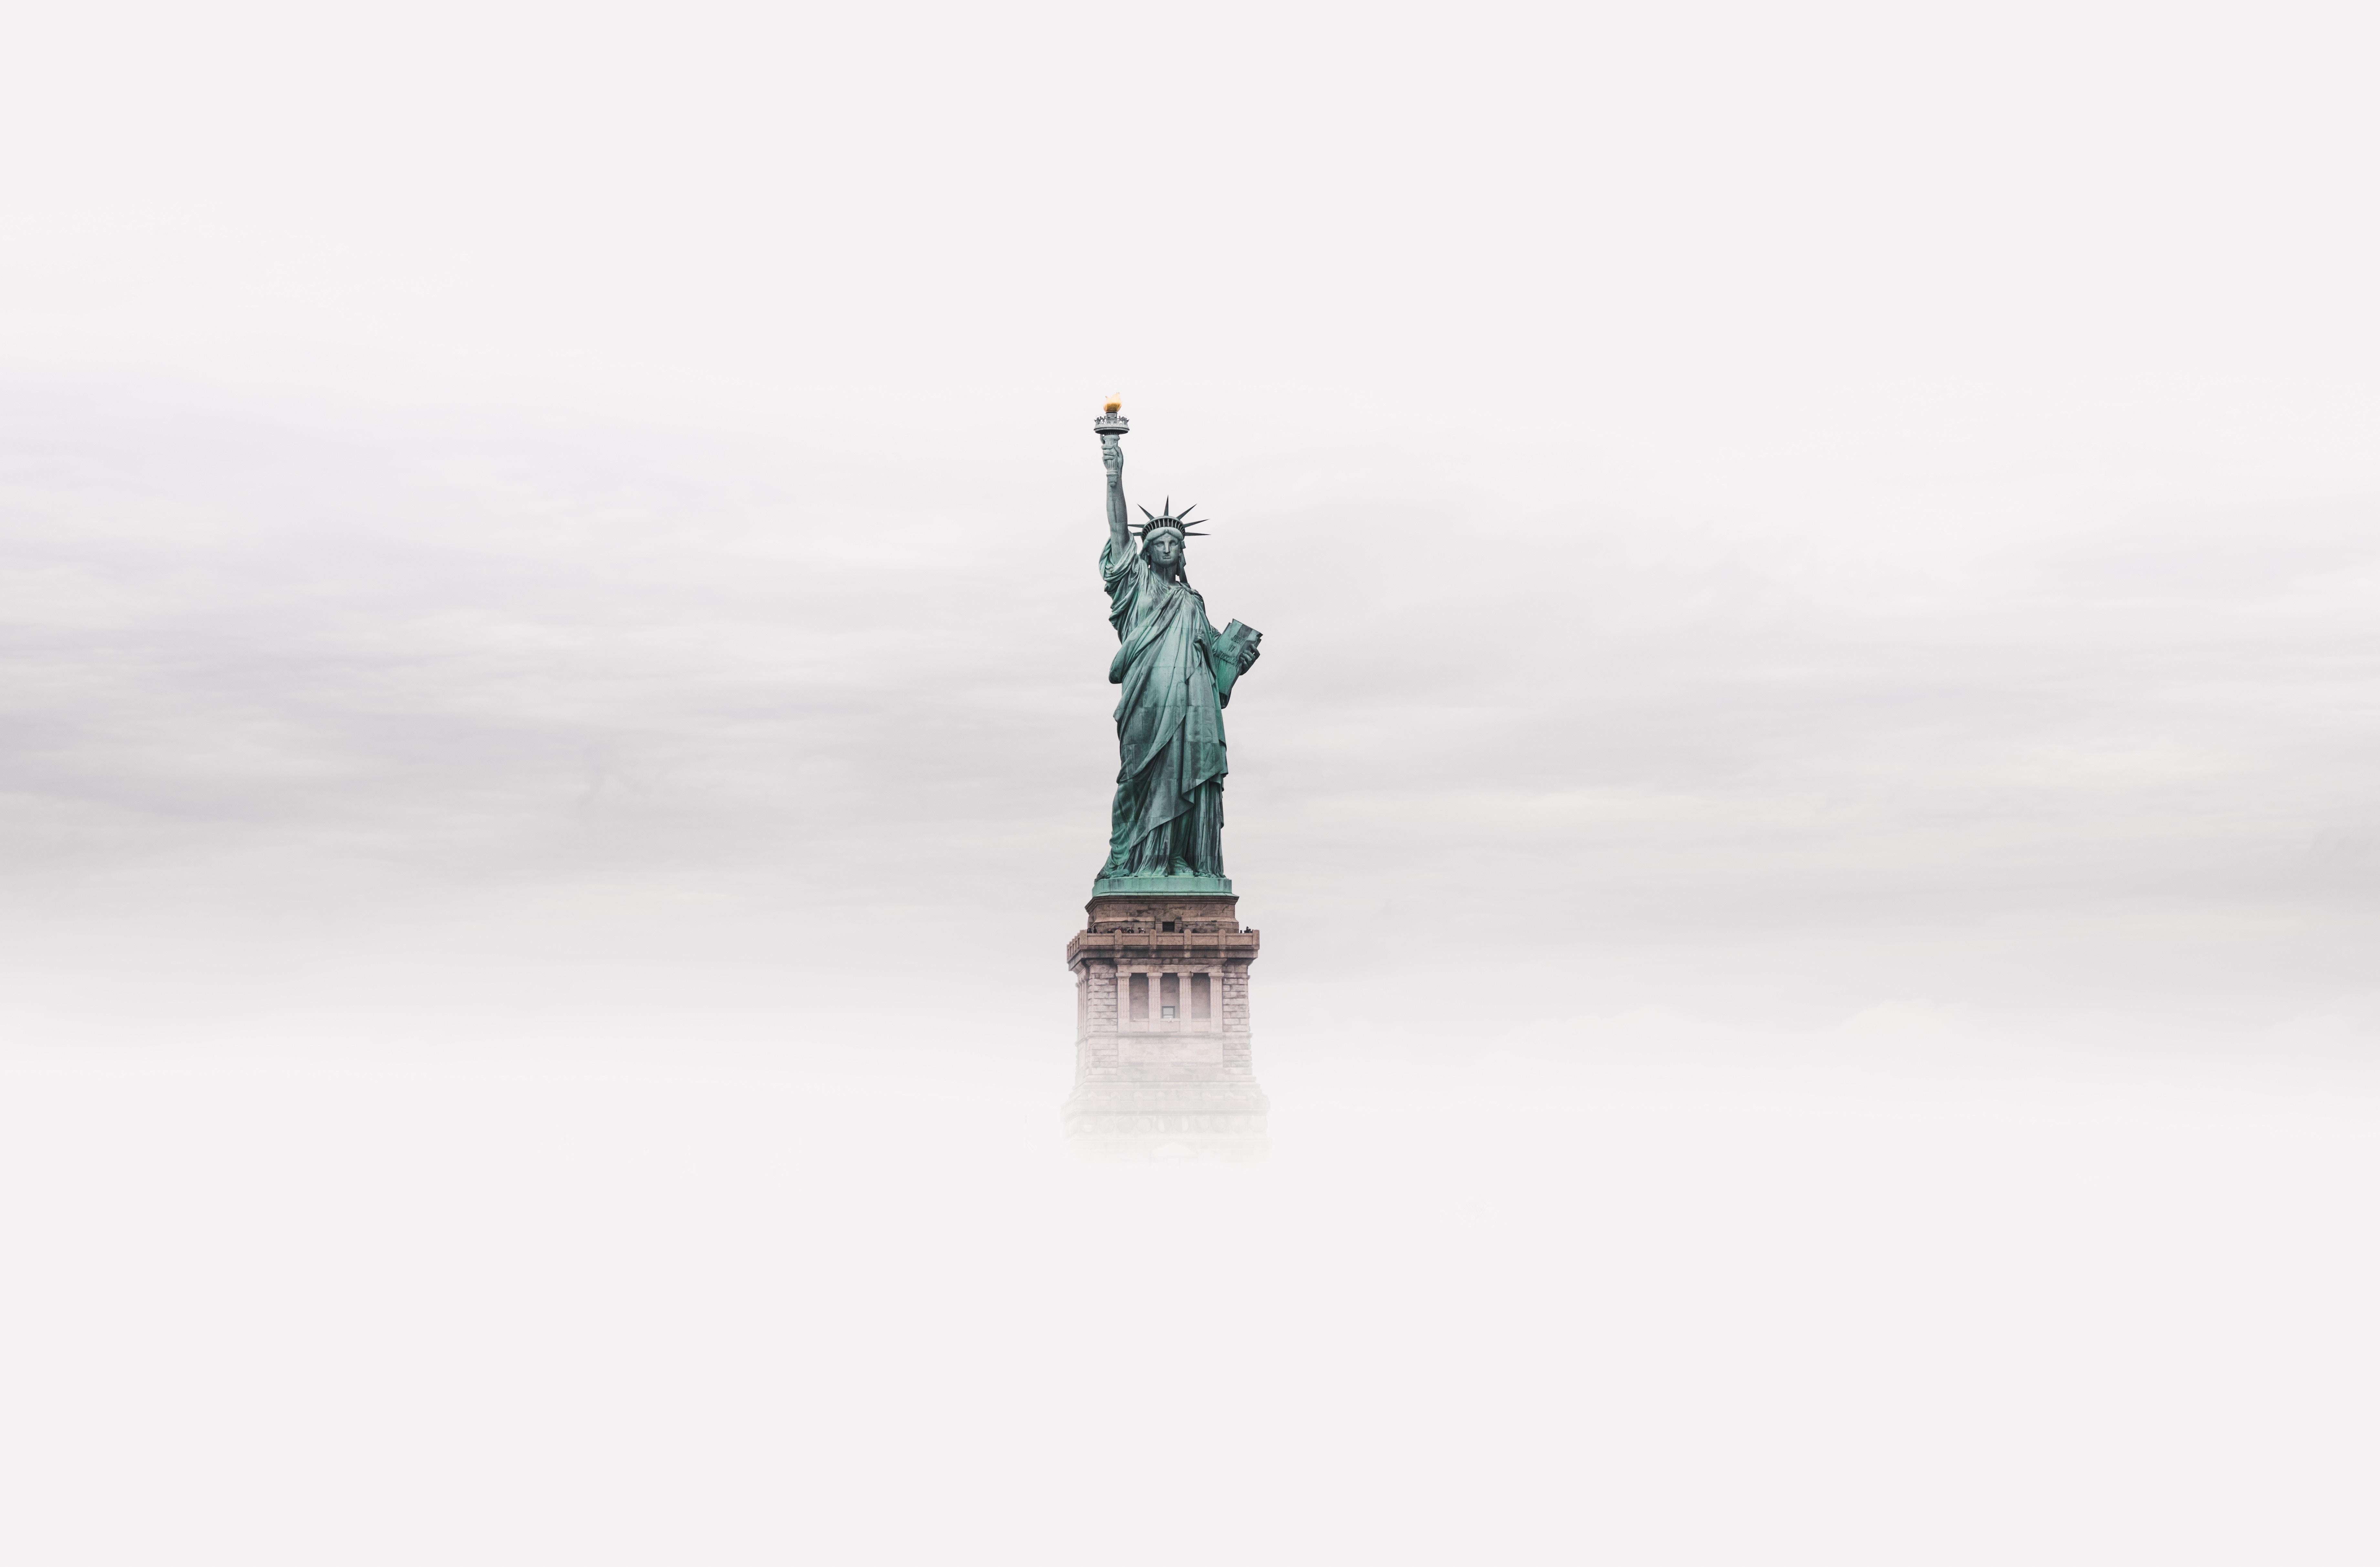 Статуя Свободы free 1